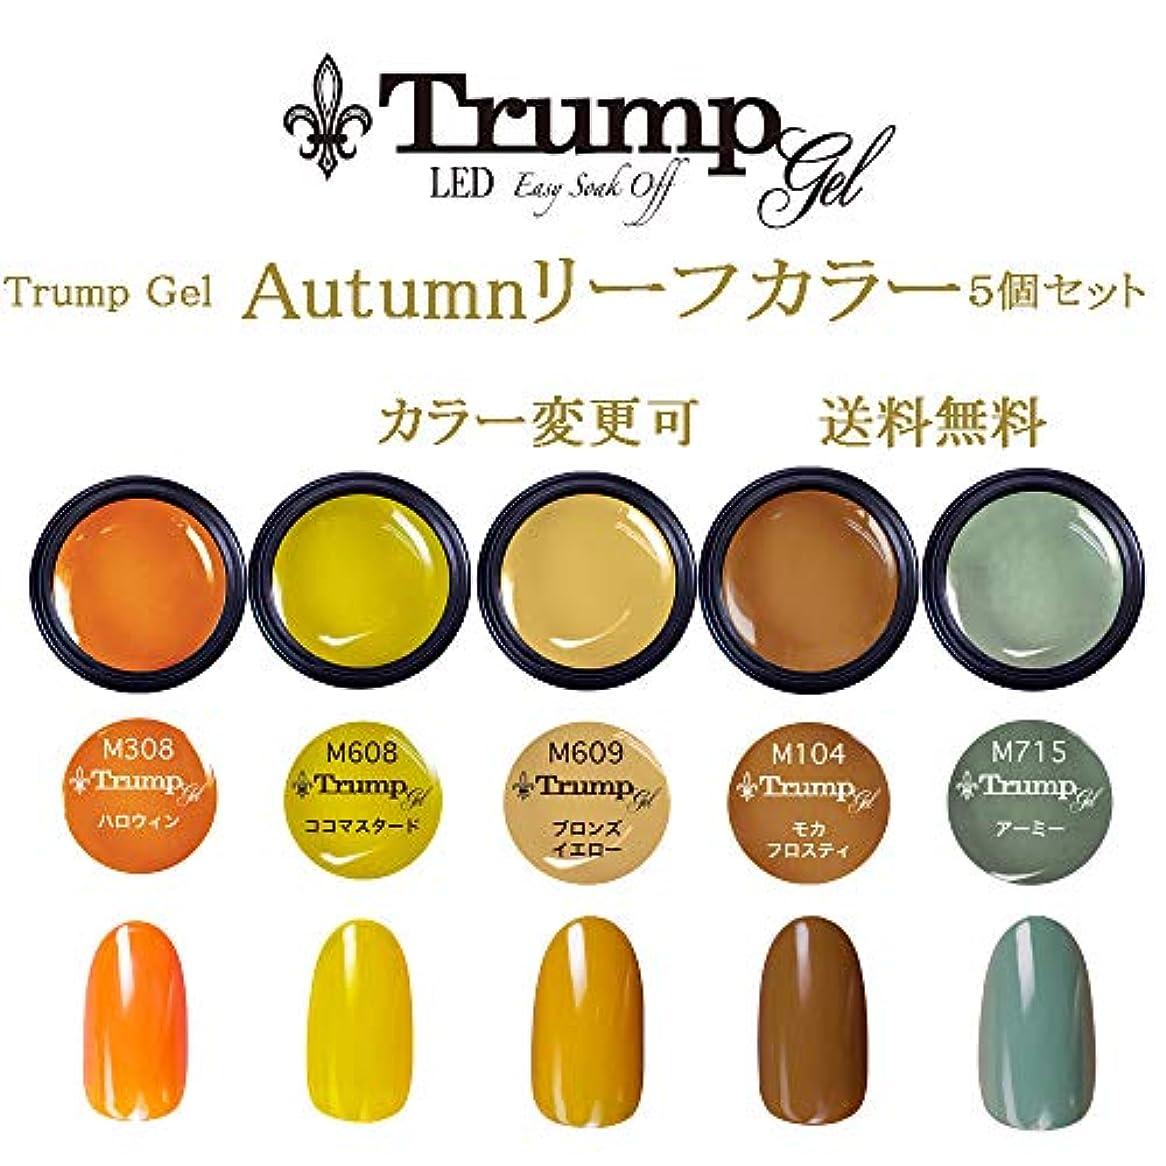 出血バインドサーキュレーション【送料無料】日本製 Trump gel トランプジェル オータムリーフカラー 選べる カラージェル 5個セット オータムネイル ベージュ ブラウン マスタード カラー